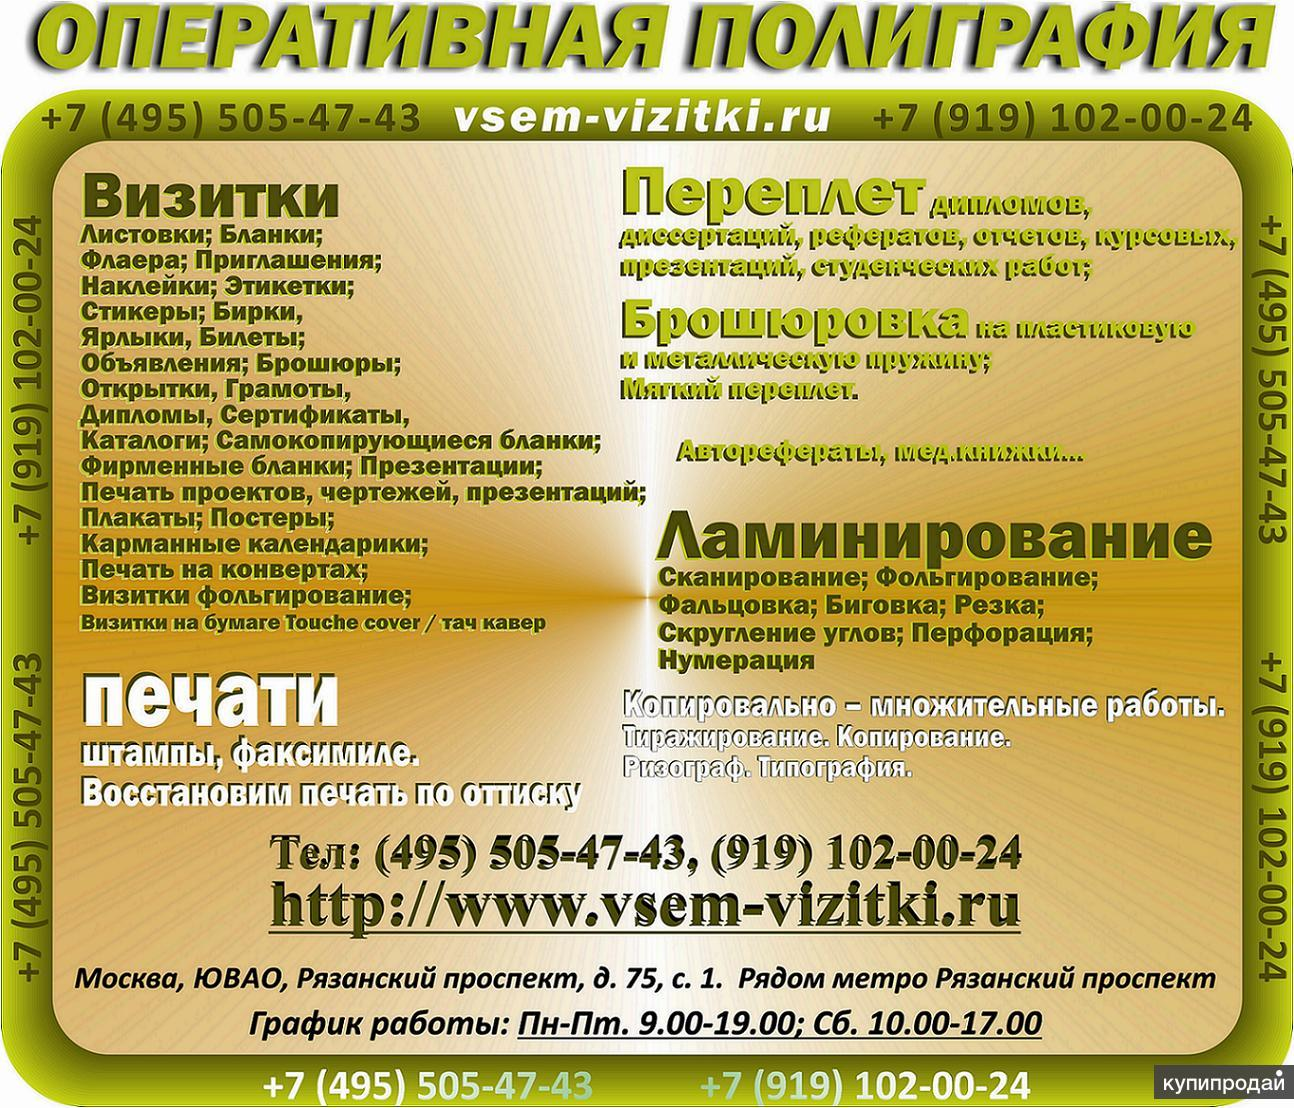 Оперативная полиграфия: Визитки; Листовки; Бланки; Флаера; Приглашения; Наклейки